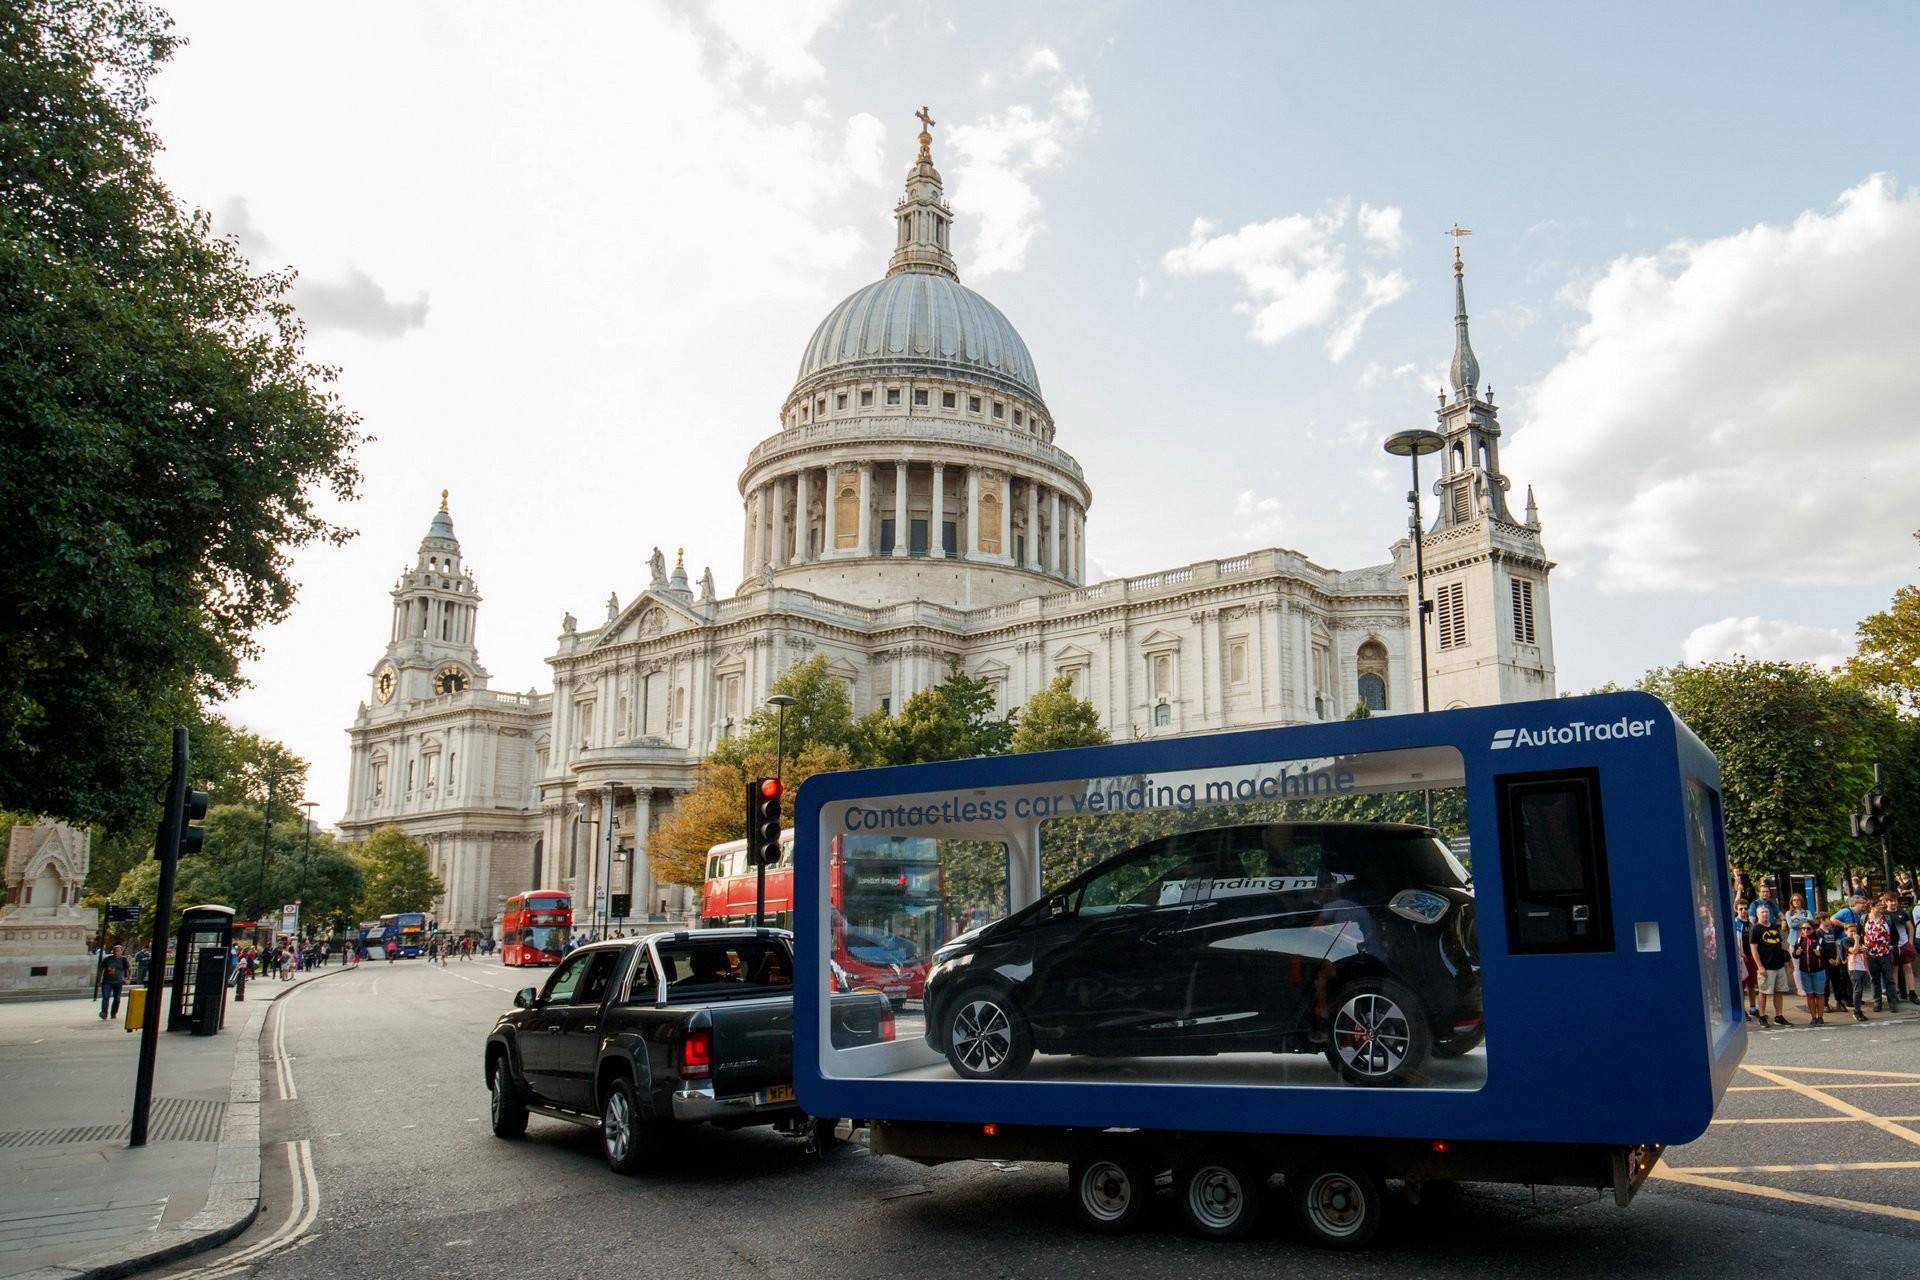 Встолице Англии появился вендинговый автомат попродаже авто